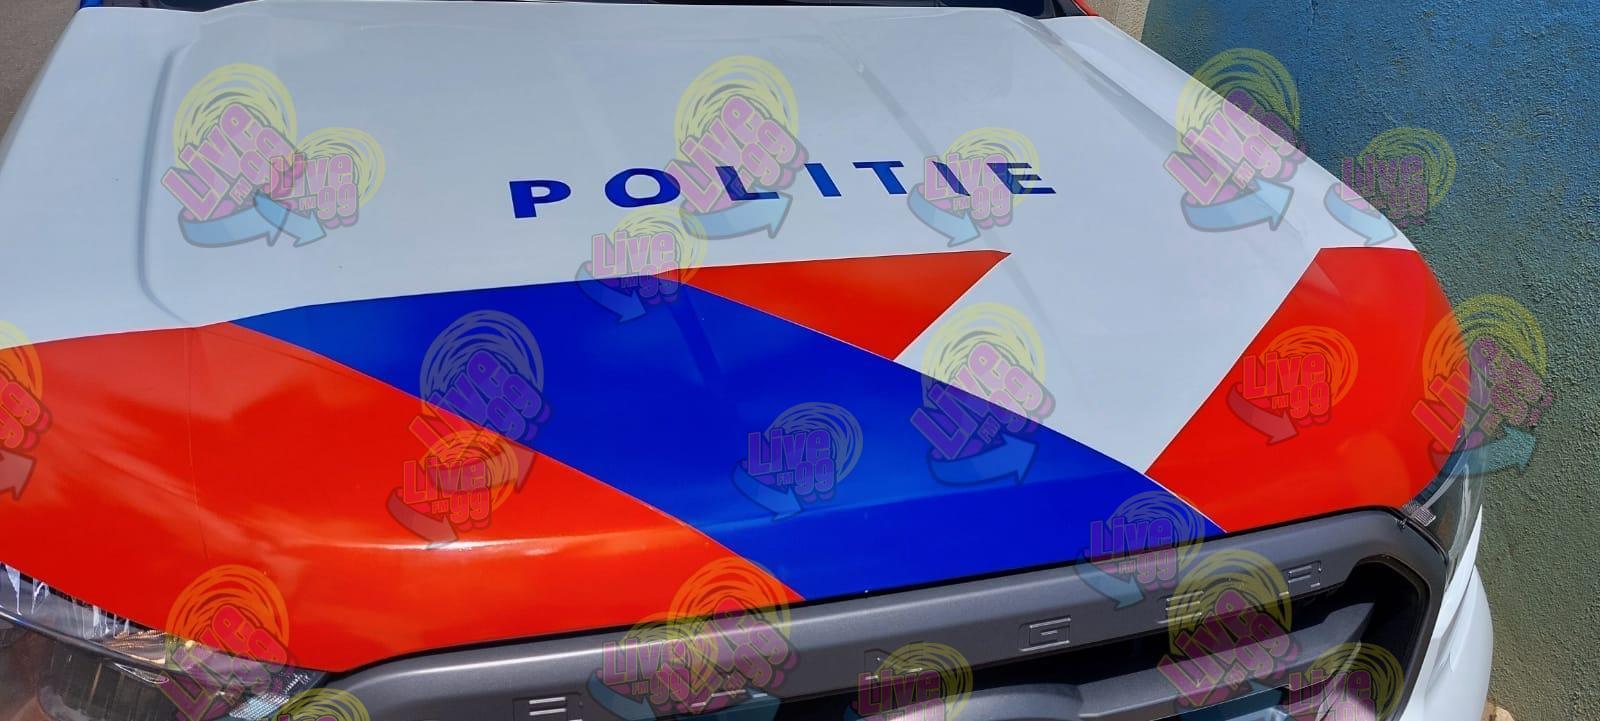 NOTISIA DI POLIS DI DJABIÈRNÈ 13 DI OUGÙSTÙS TE KU DJALUNA 16 DI OUGÙSTÙS 2021